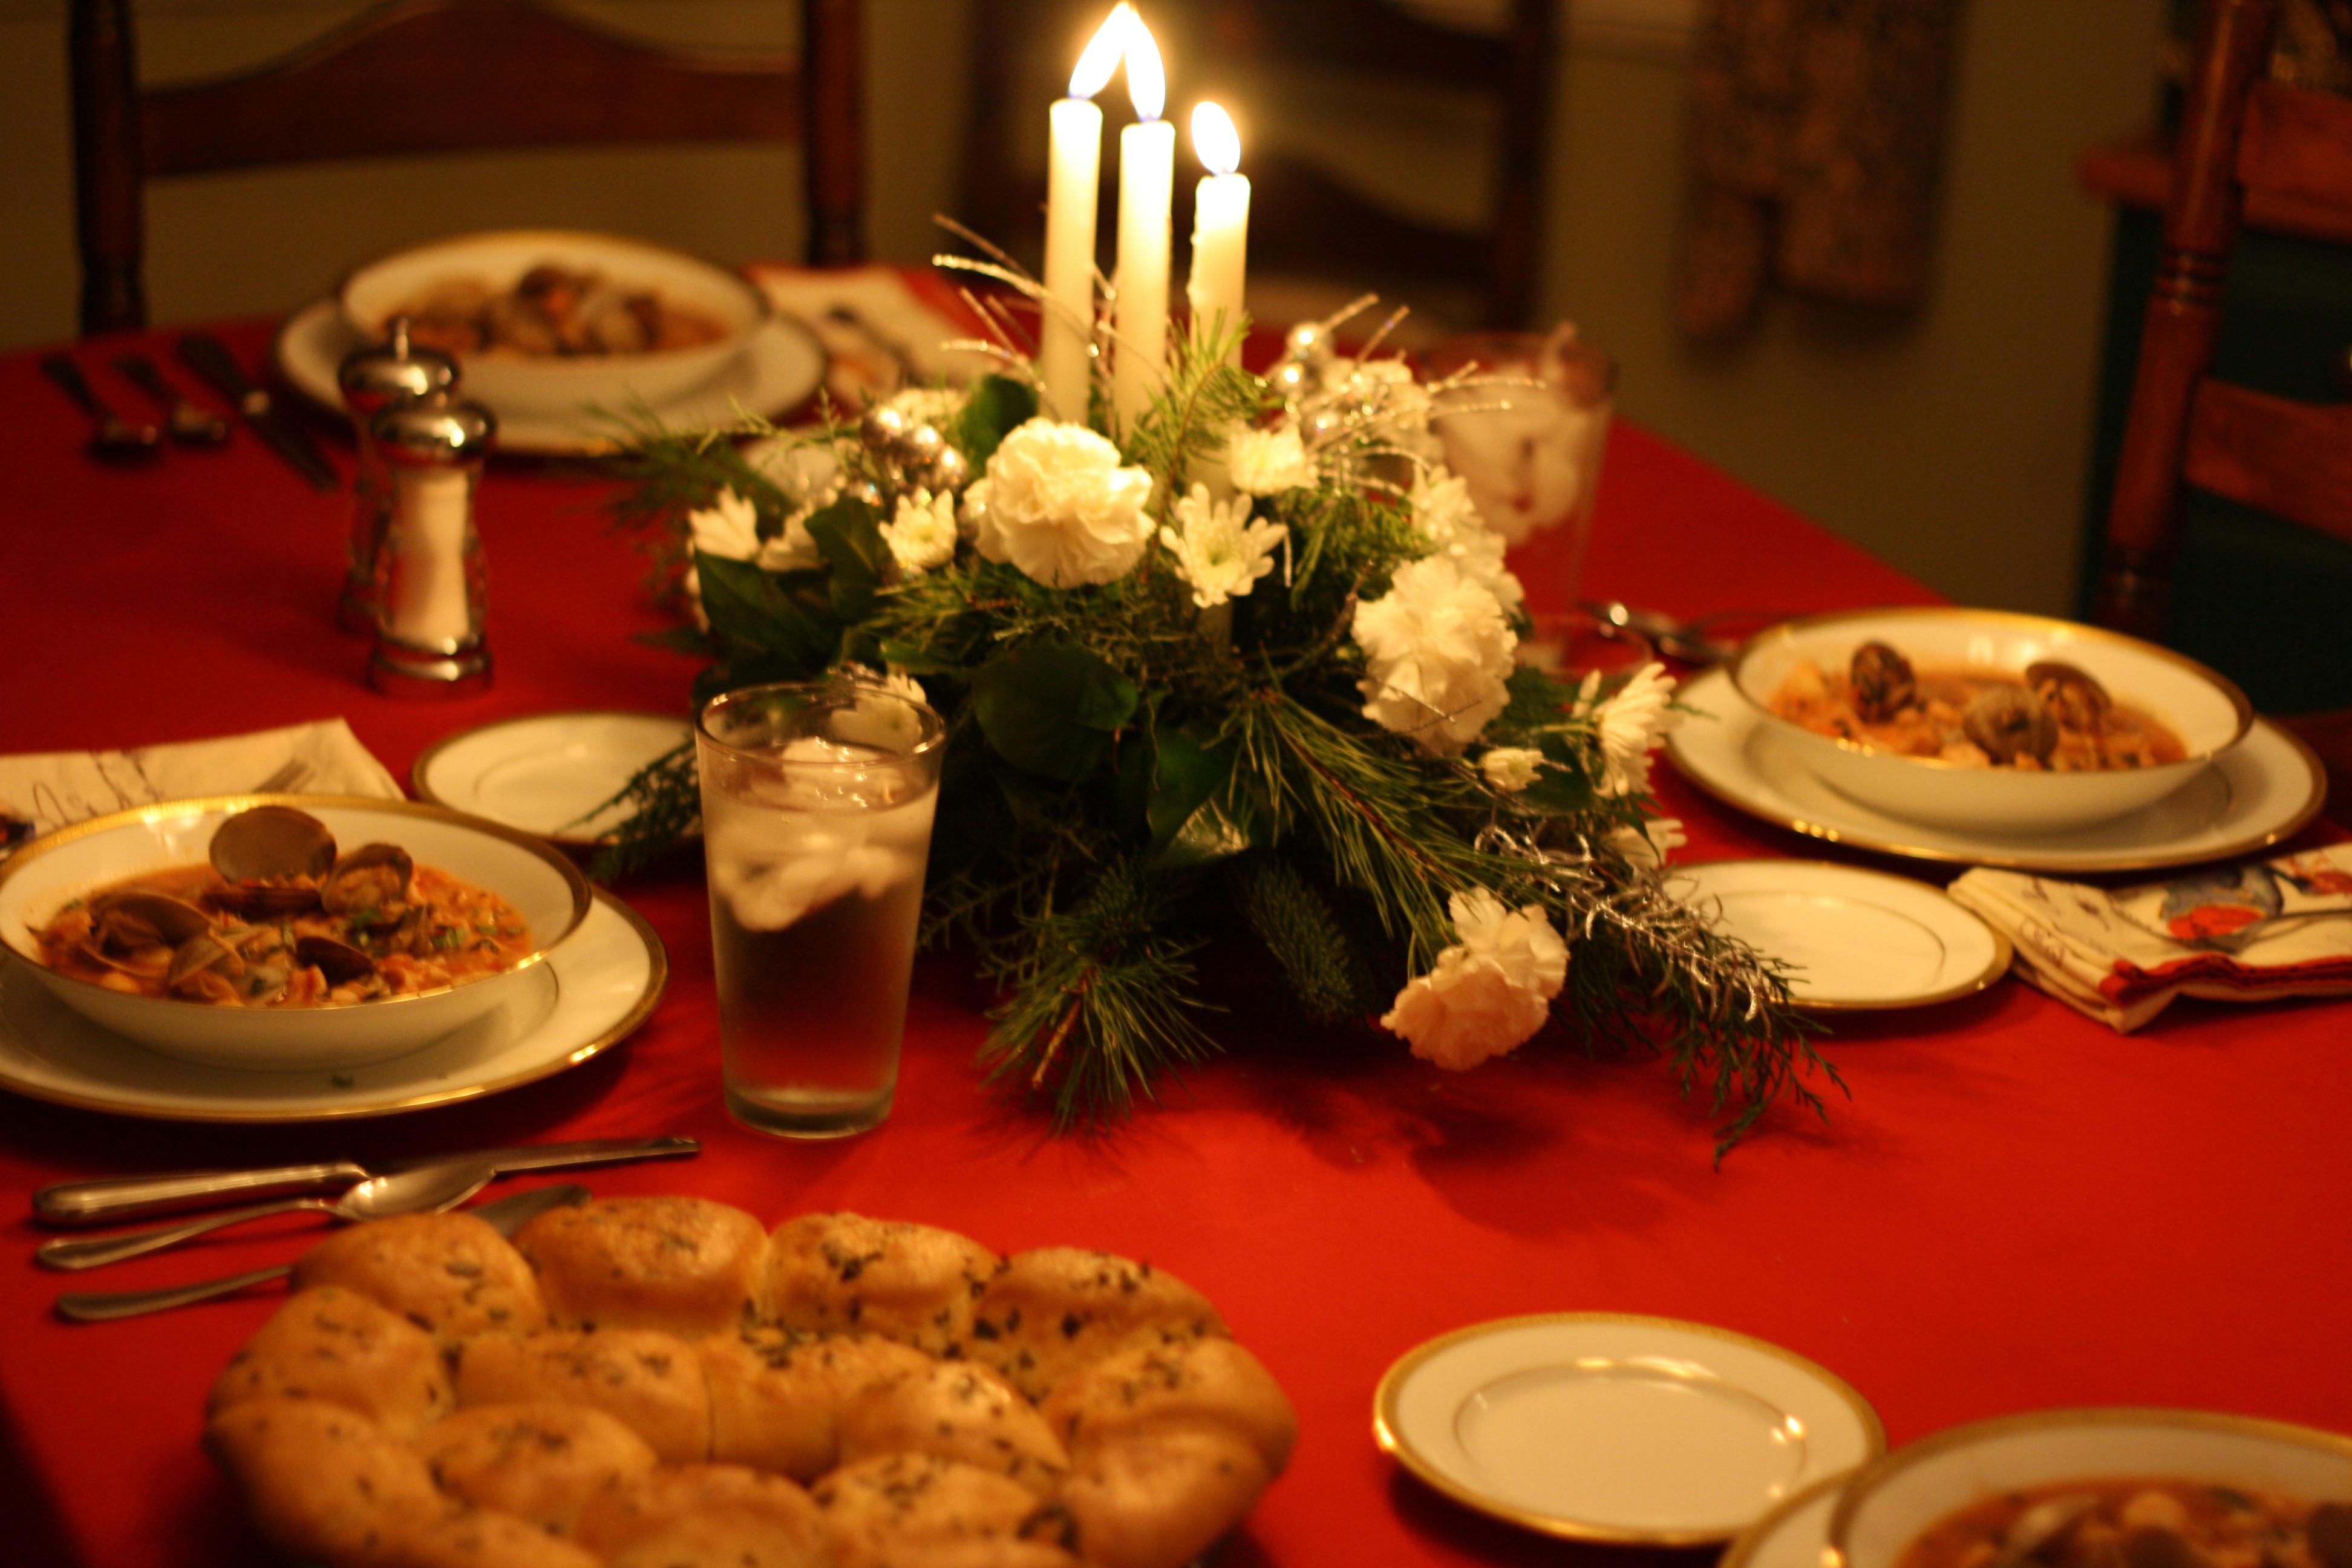 Christmas Eve Dinner Ideas  SEAFOOD CHRISTMAS EVE RECIPES – 7000 Recipes